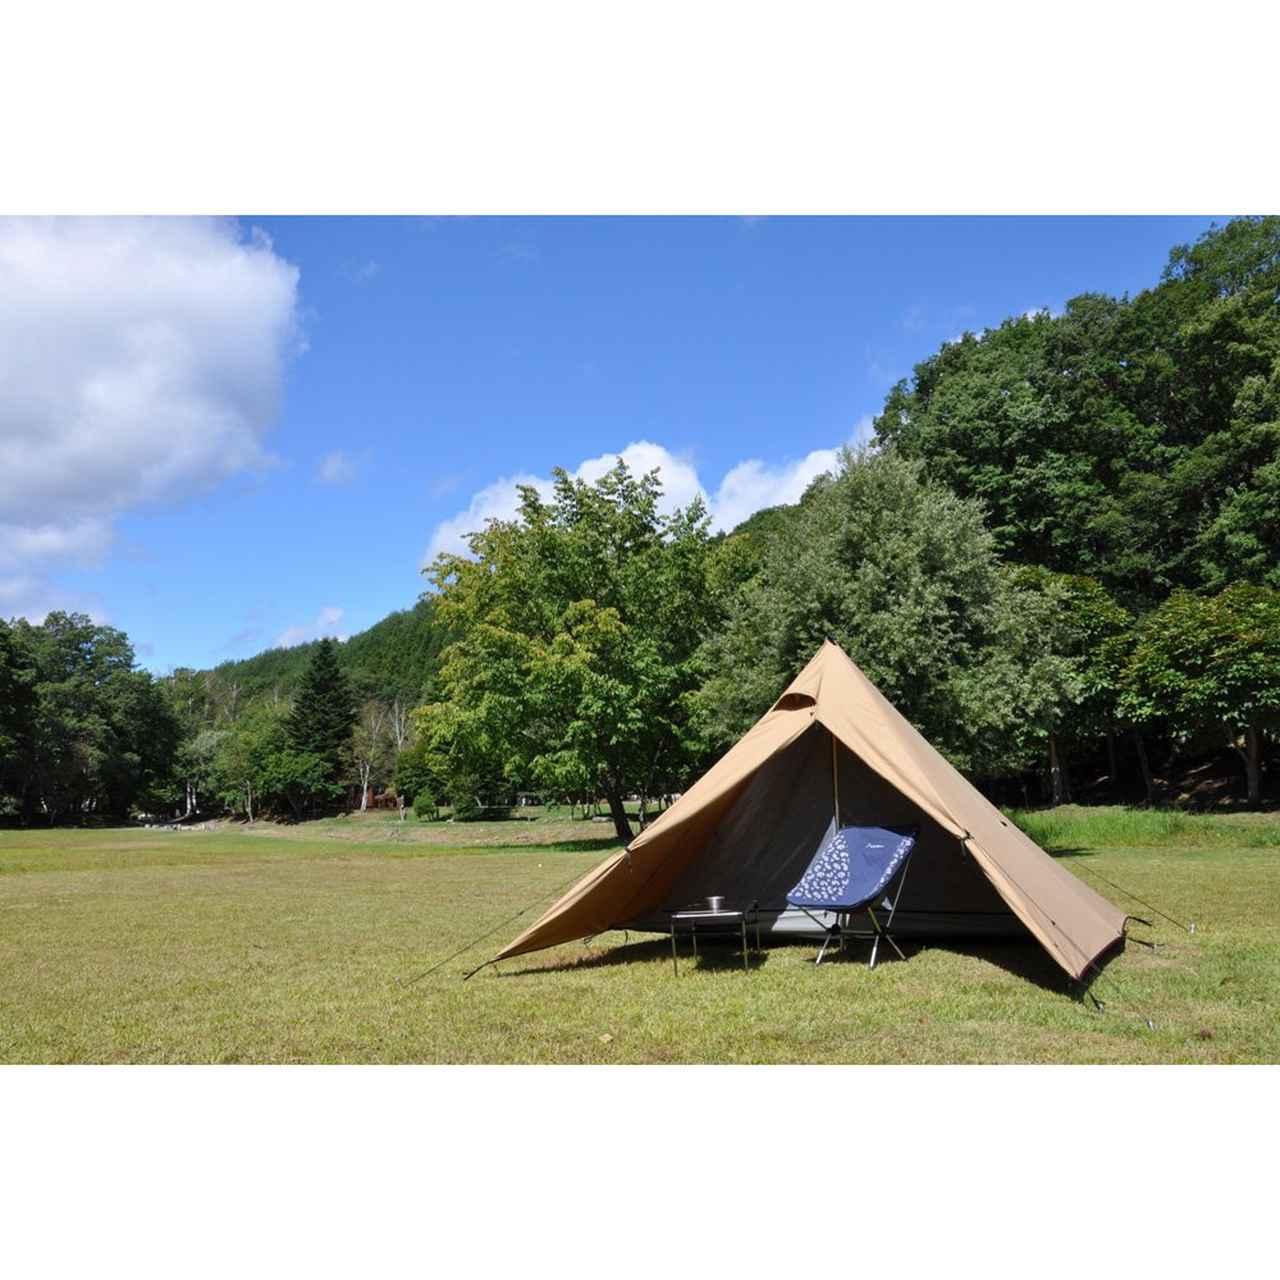 画像: 【テンマクデザイン・パンダTC】天幕の人気テント 自立式で設営簡単なのでソロキャンプにおすすめ